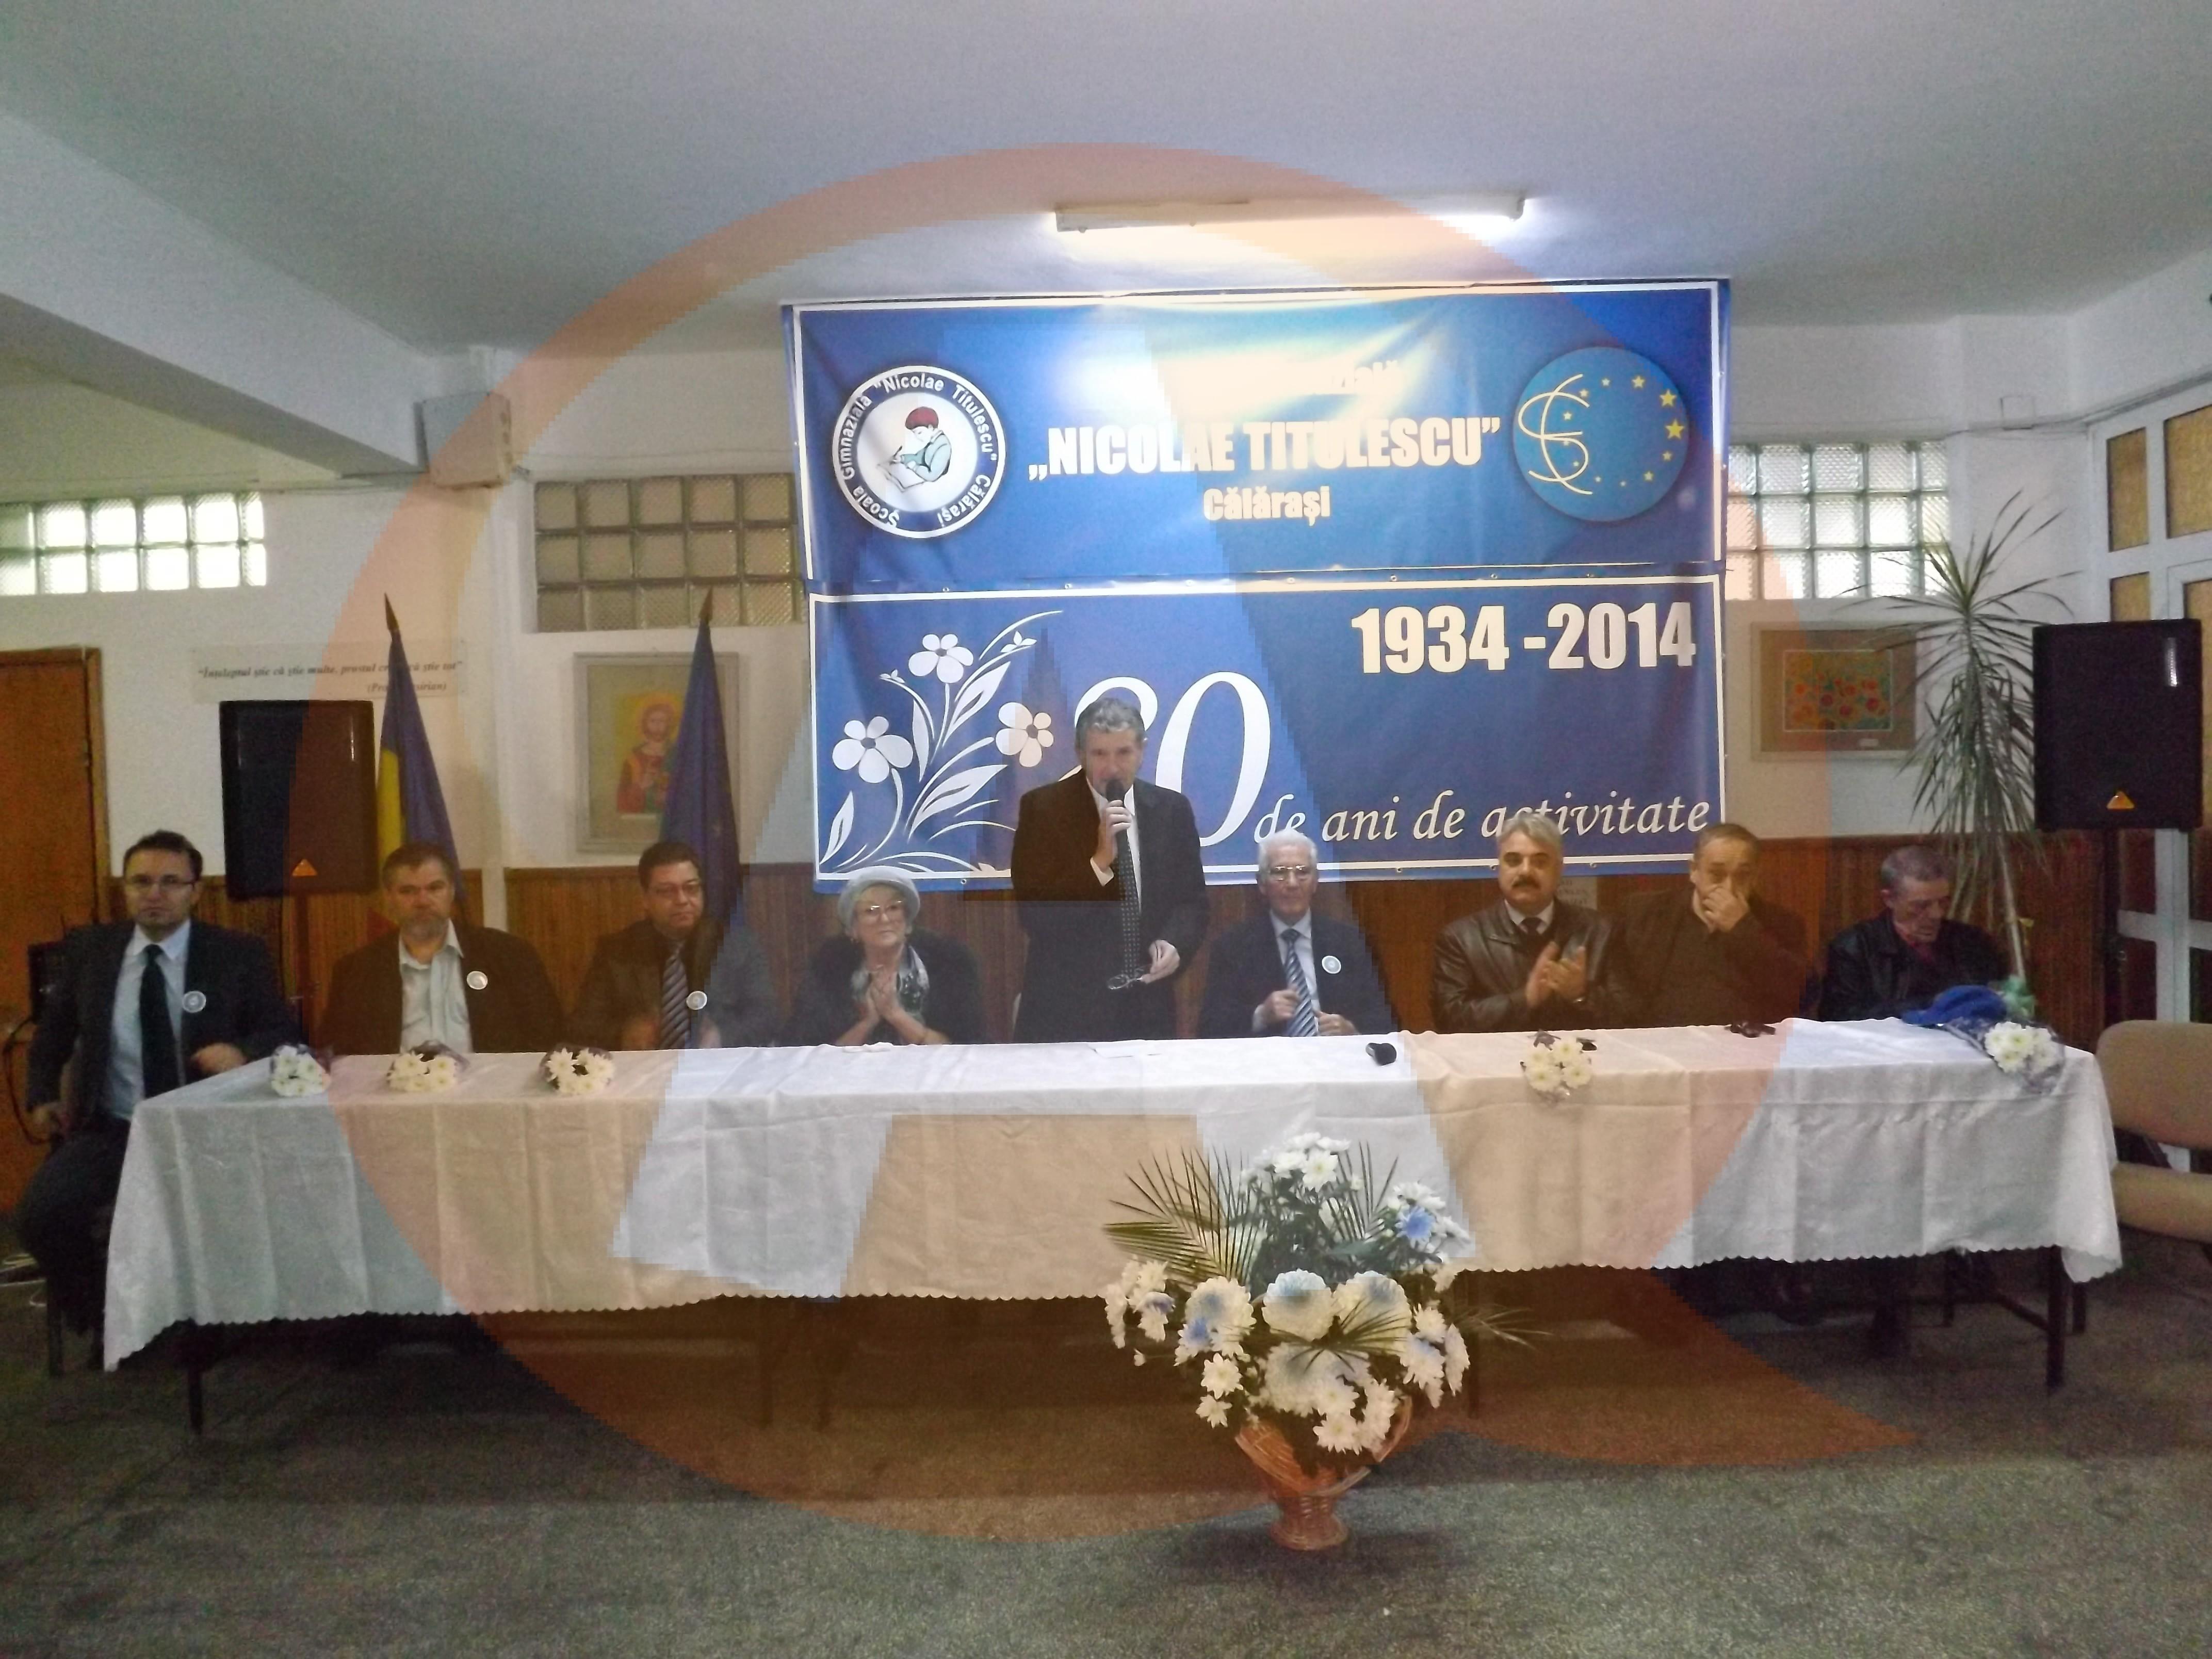 Școala Gimnazială Nicolae Titulescu Călărași a împlinit 80 de ani de activitate